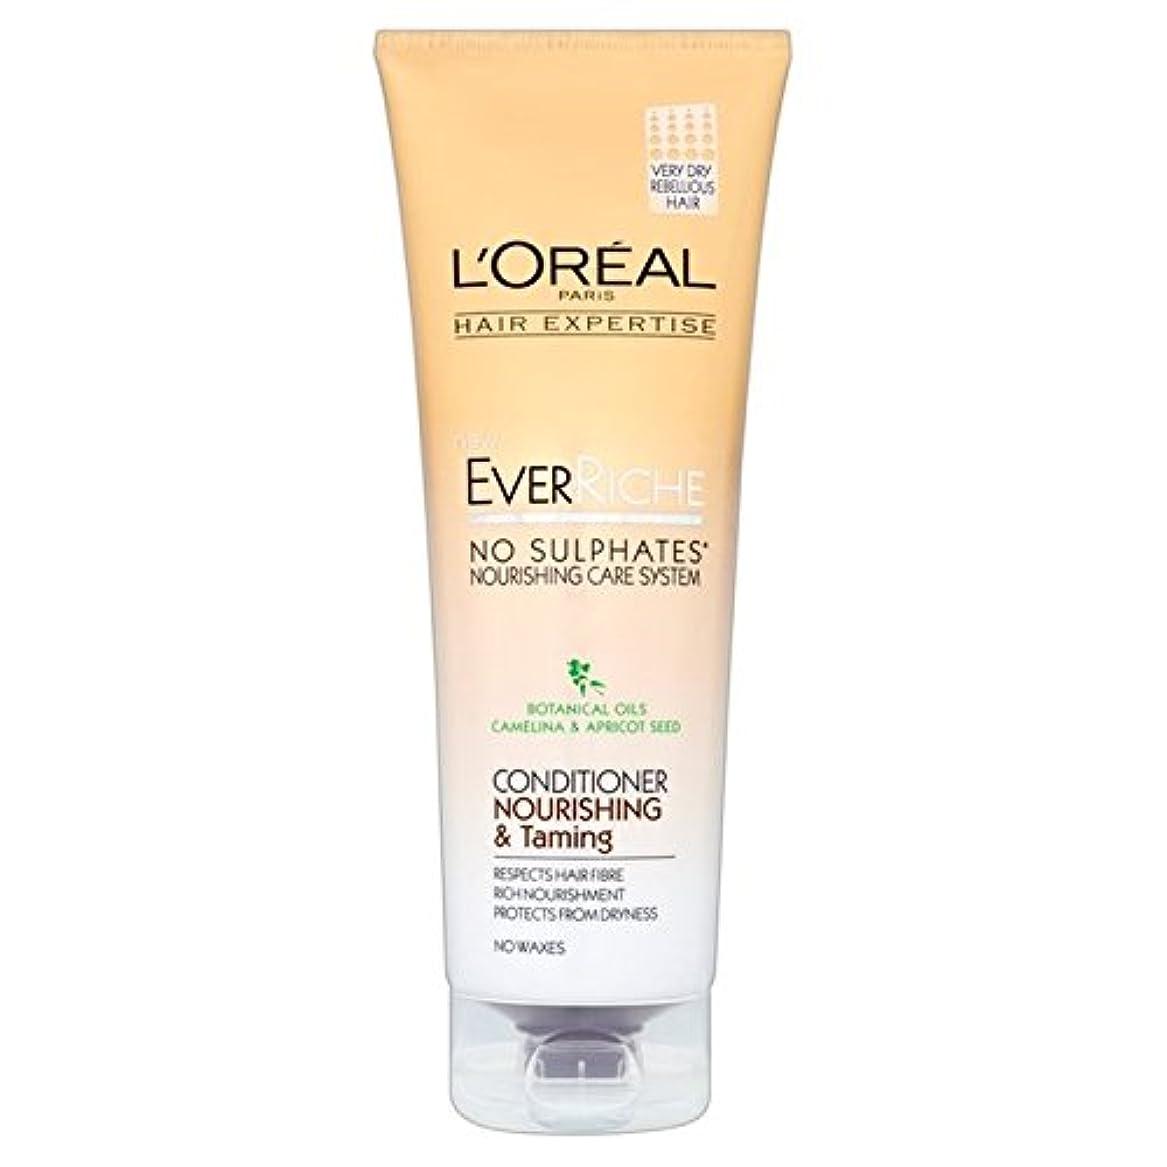 スチュワーデス気質暗記するL'Oreal Hair Expertise Ever Riche Conditioner Nour & Taming 250ml - ロレアルの髪の専門知識、これまでリッシュコンディショナーヌール&調教250ミリリットル...